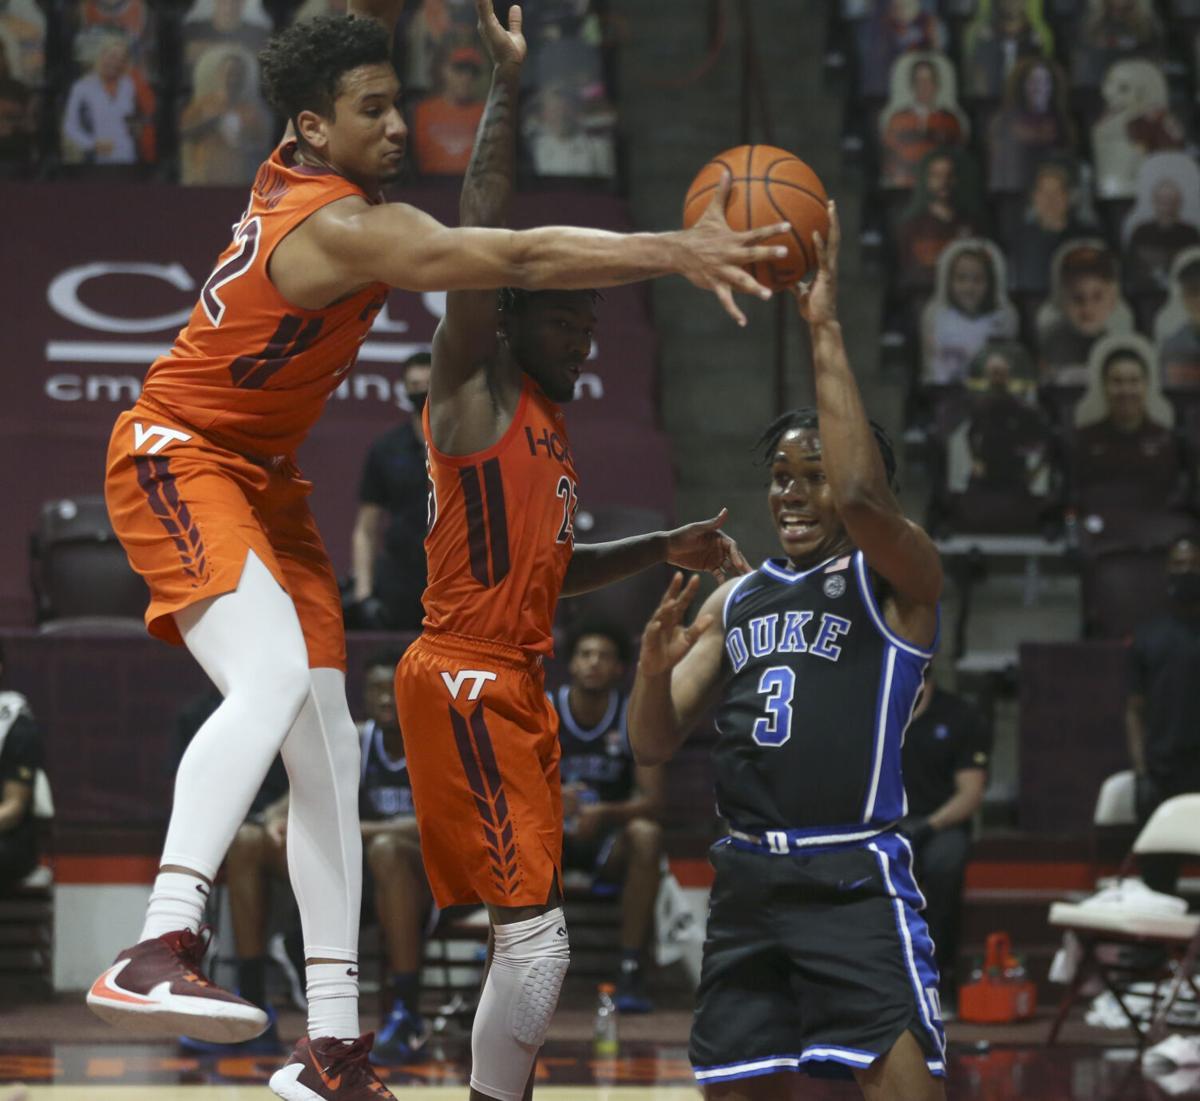 Virginia Tech vs Duke